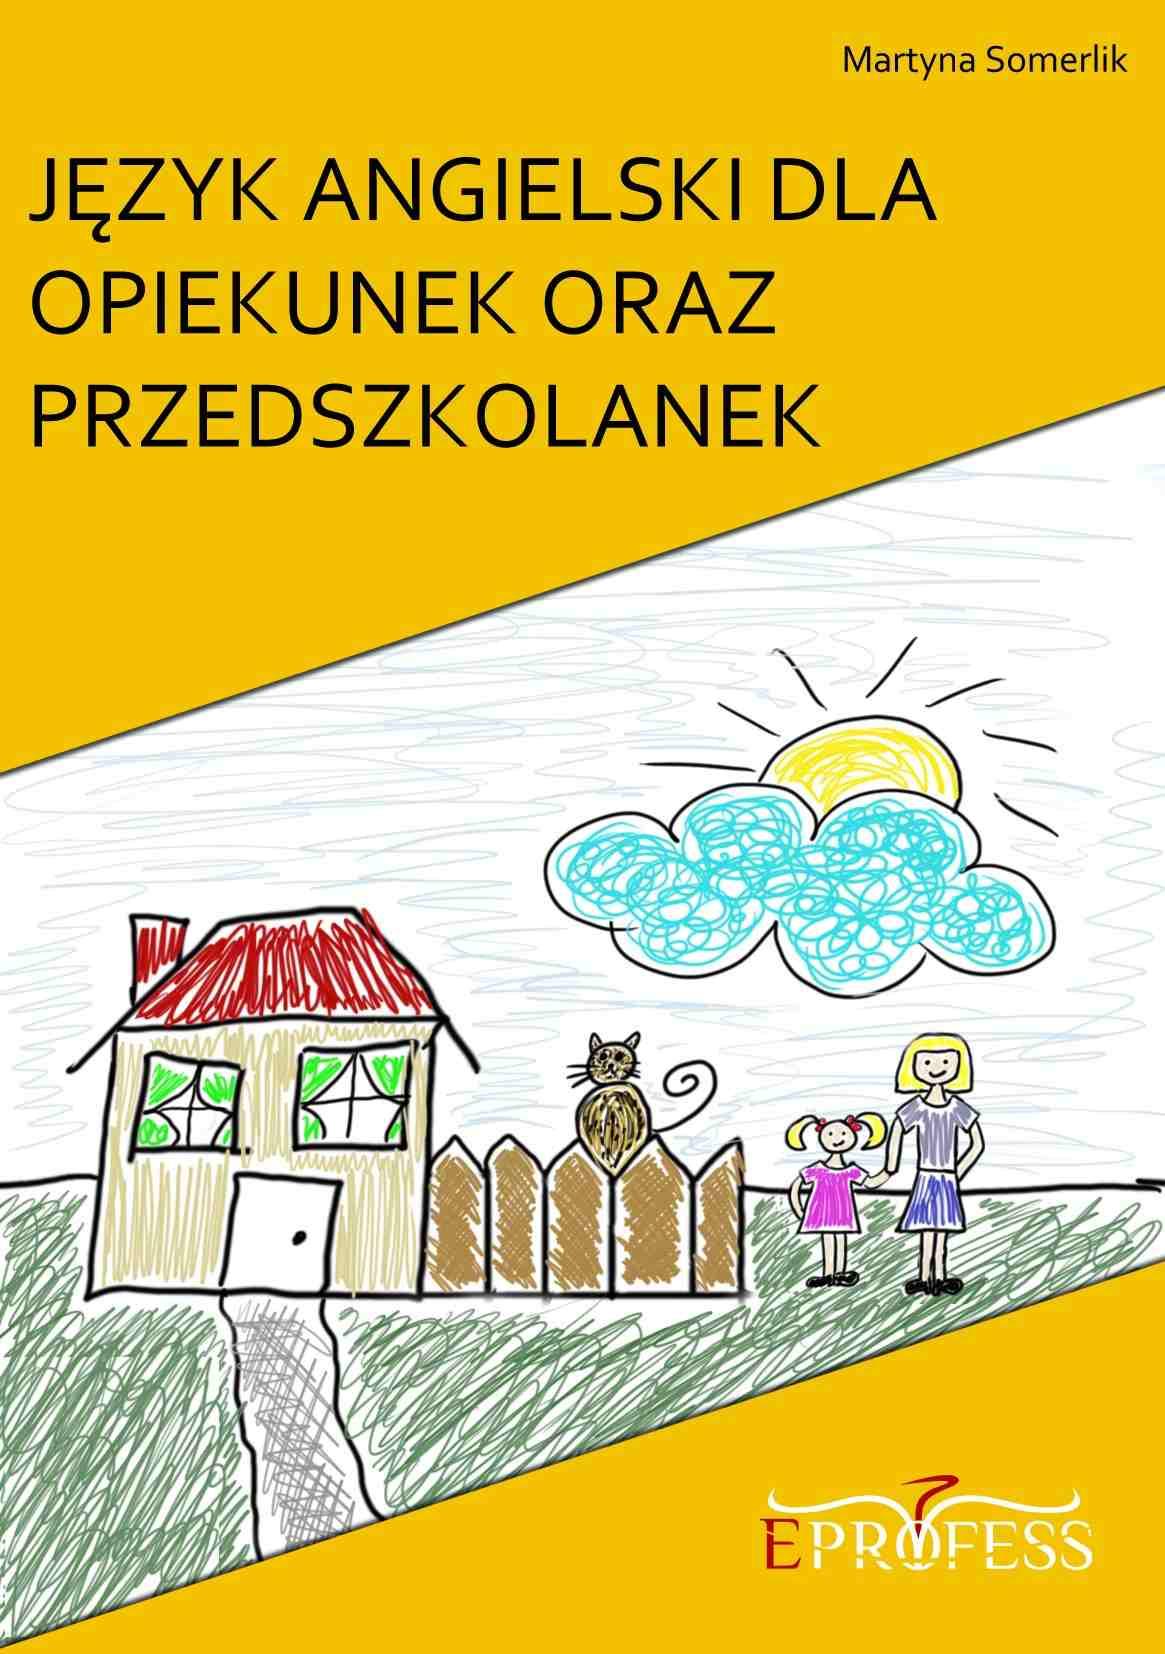 Język Angielski Dla Opiekunek oraz Przedszkolanek - Ebook (Książka PDF) do pobrania w formacie PDF